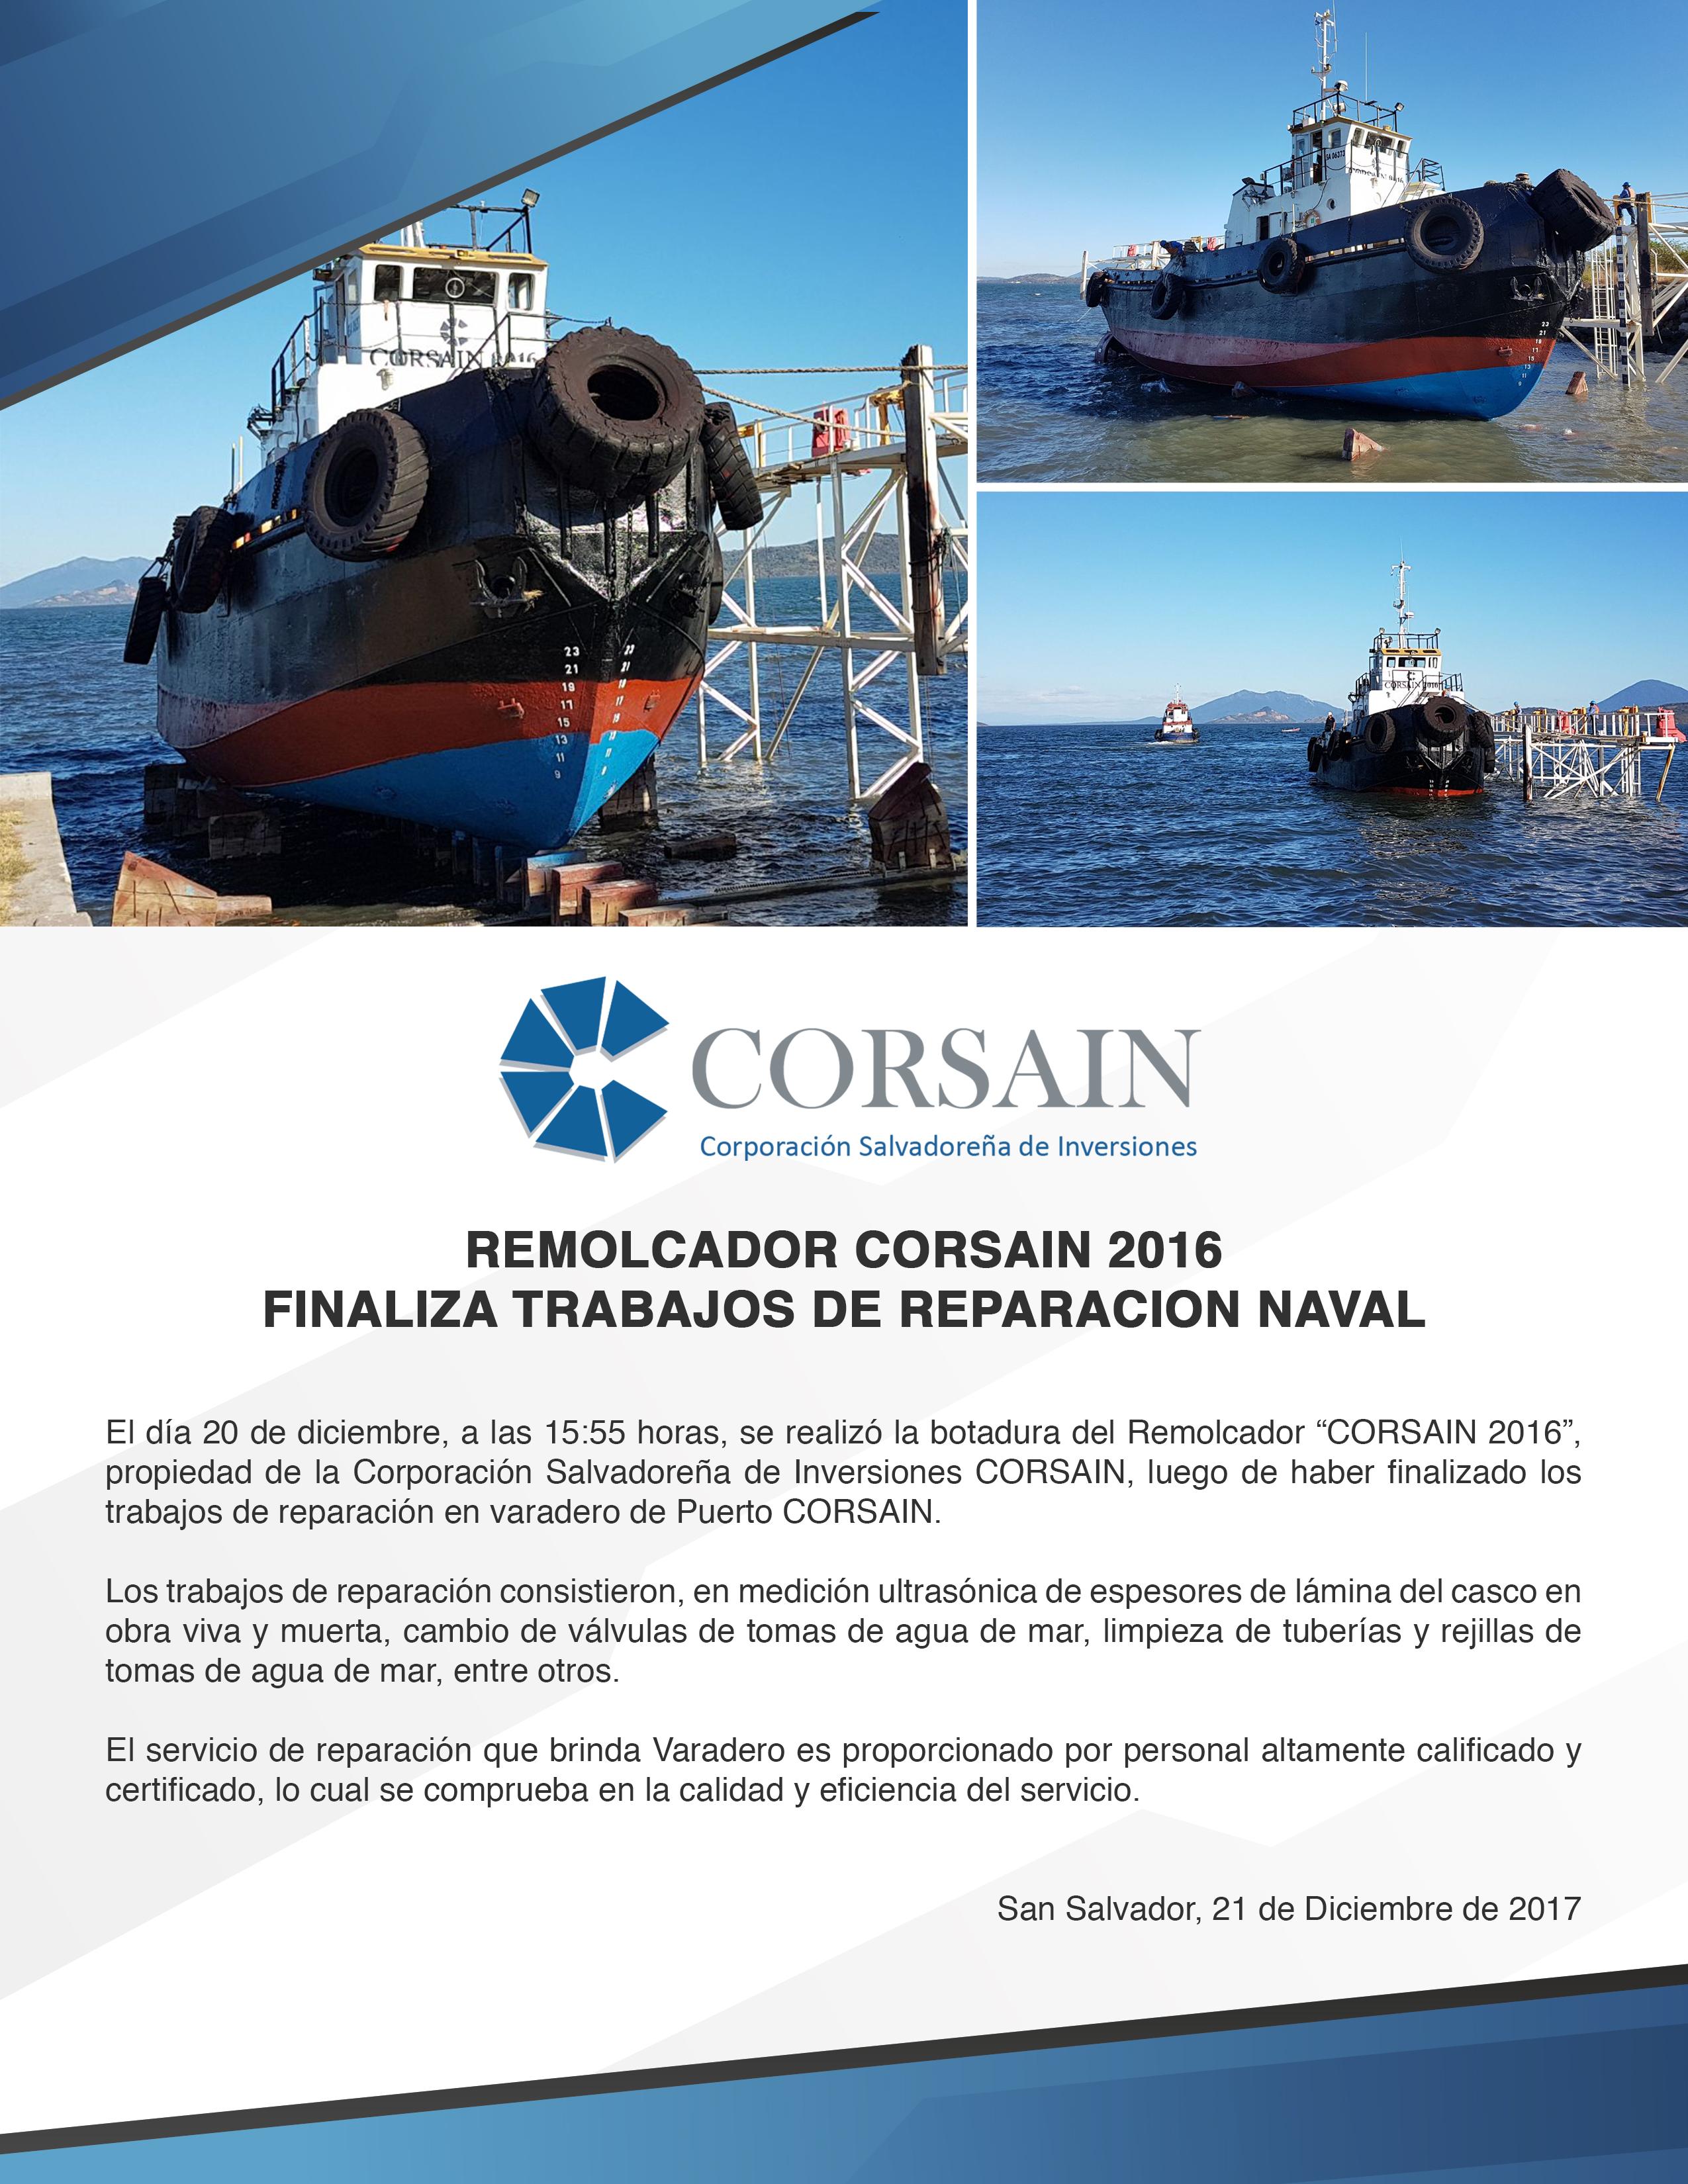 comunicado-botadura-corsain2016